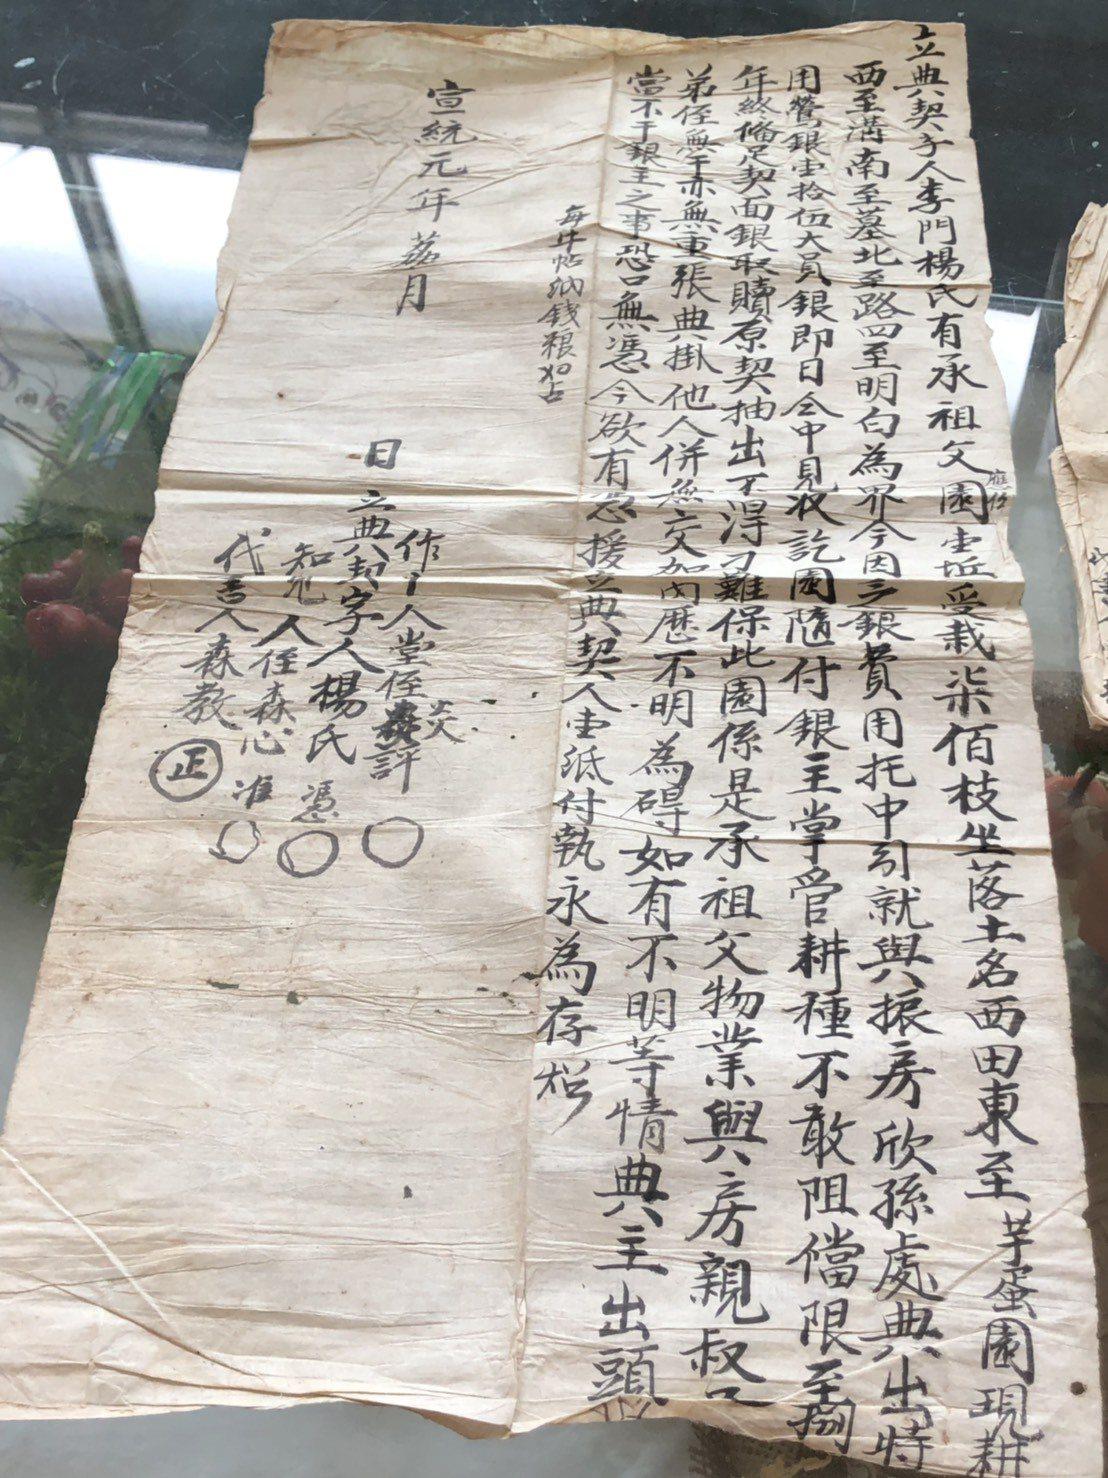 文史工作者林金榮說,由於宣統只有 3 年,宣統 1 年的契書,格外具有歷史意義。...